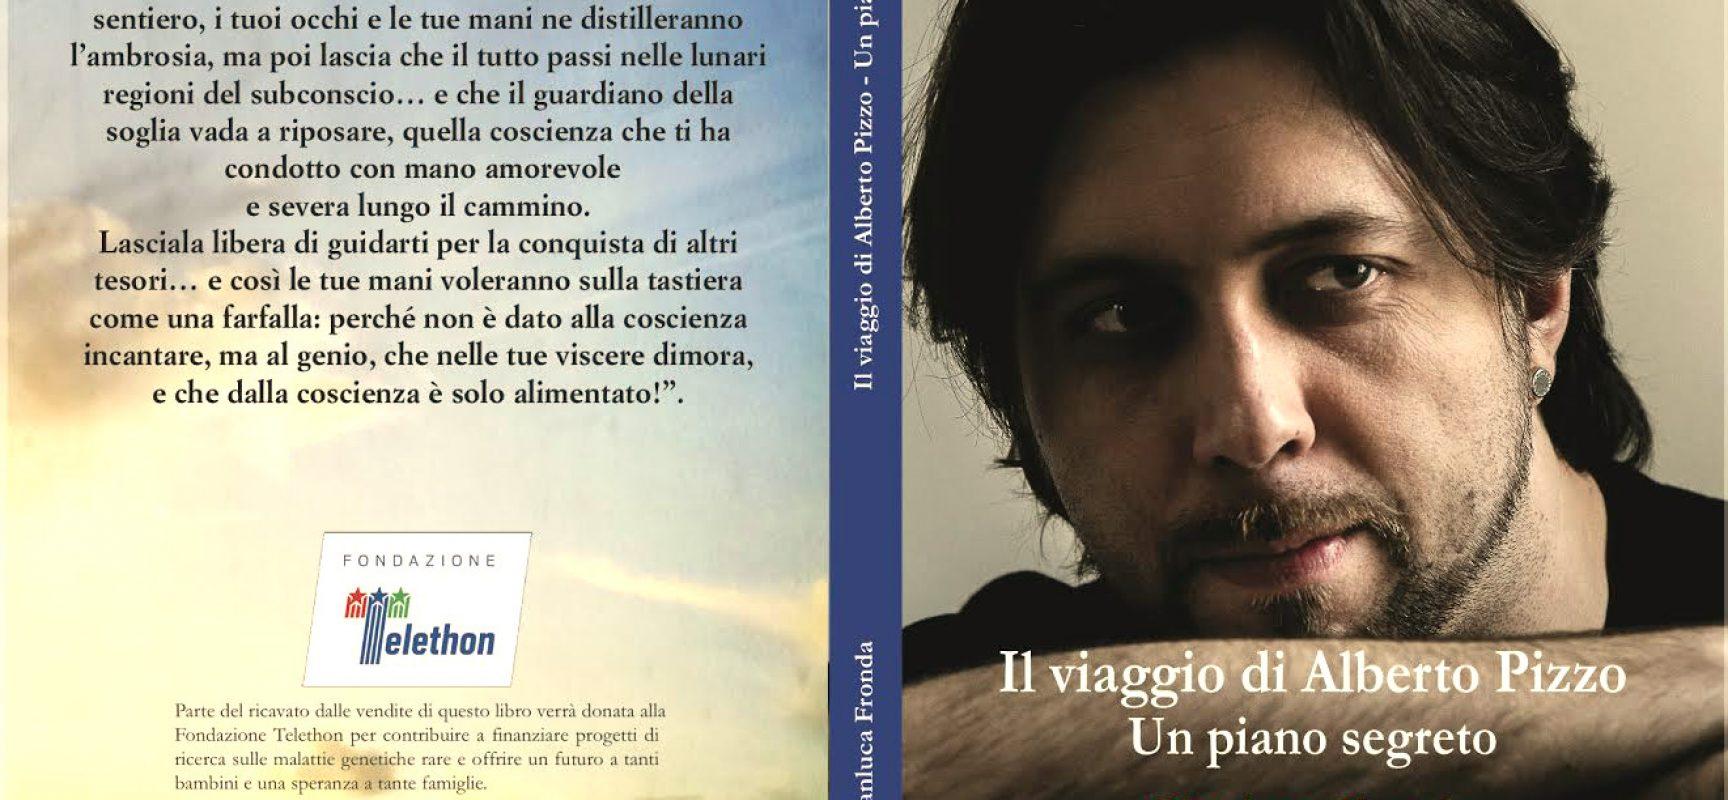 Il viaggio di Alberto Pizzo